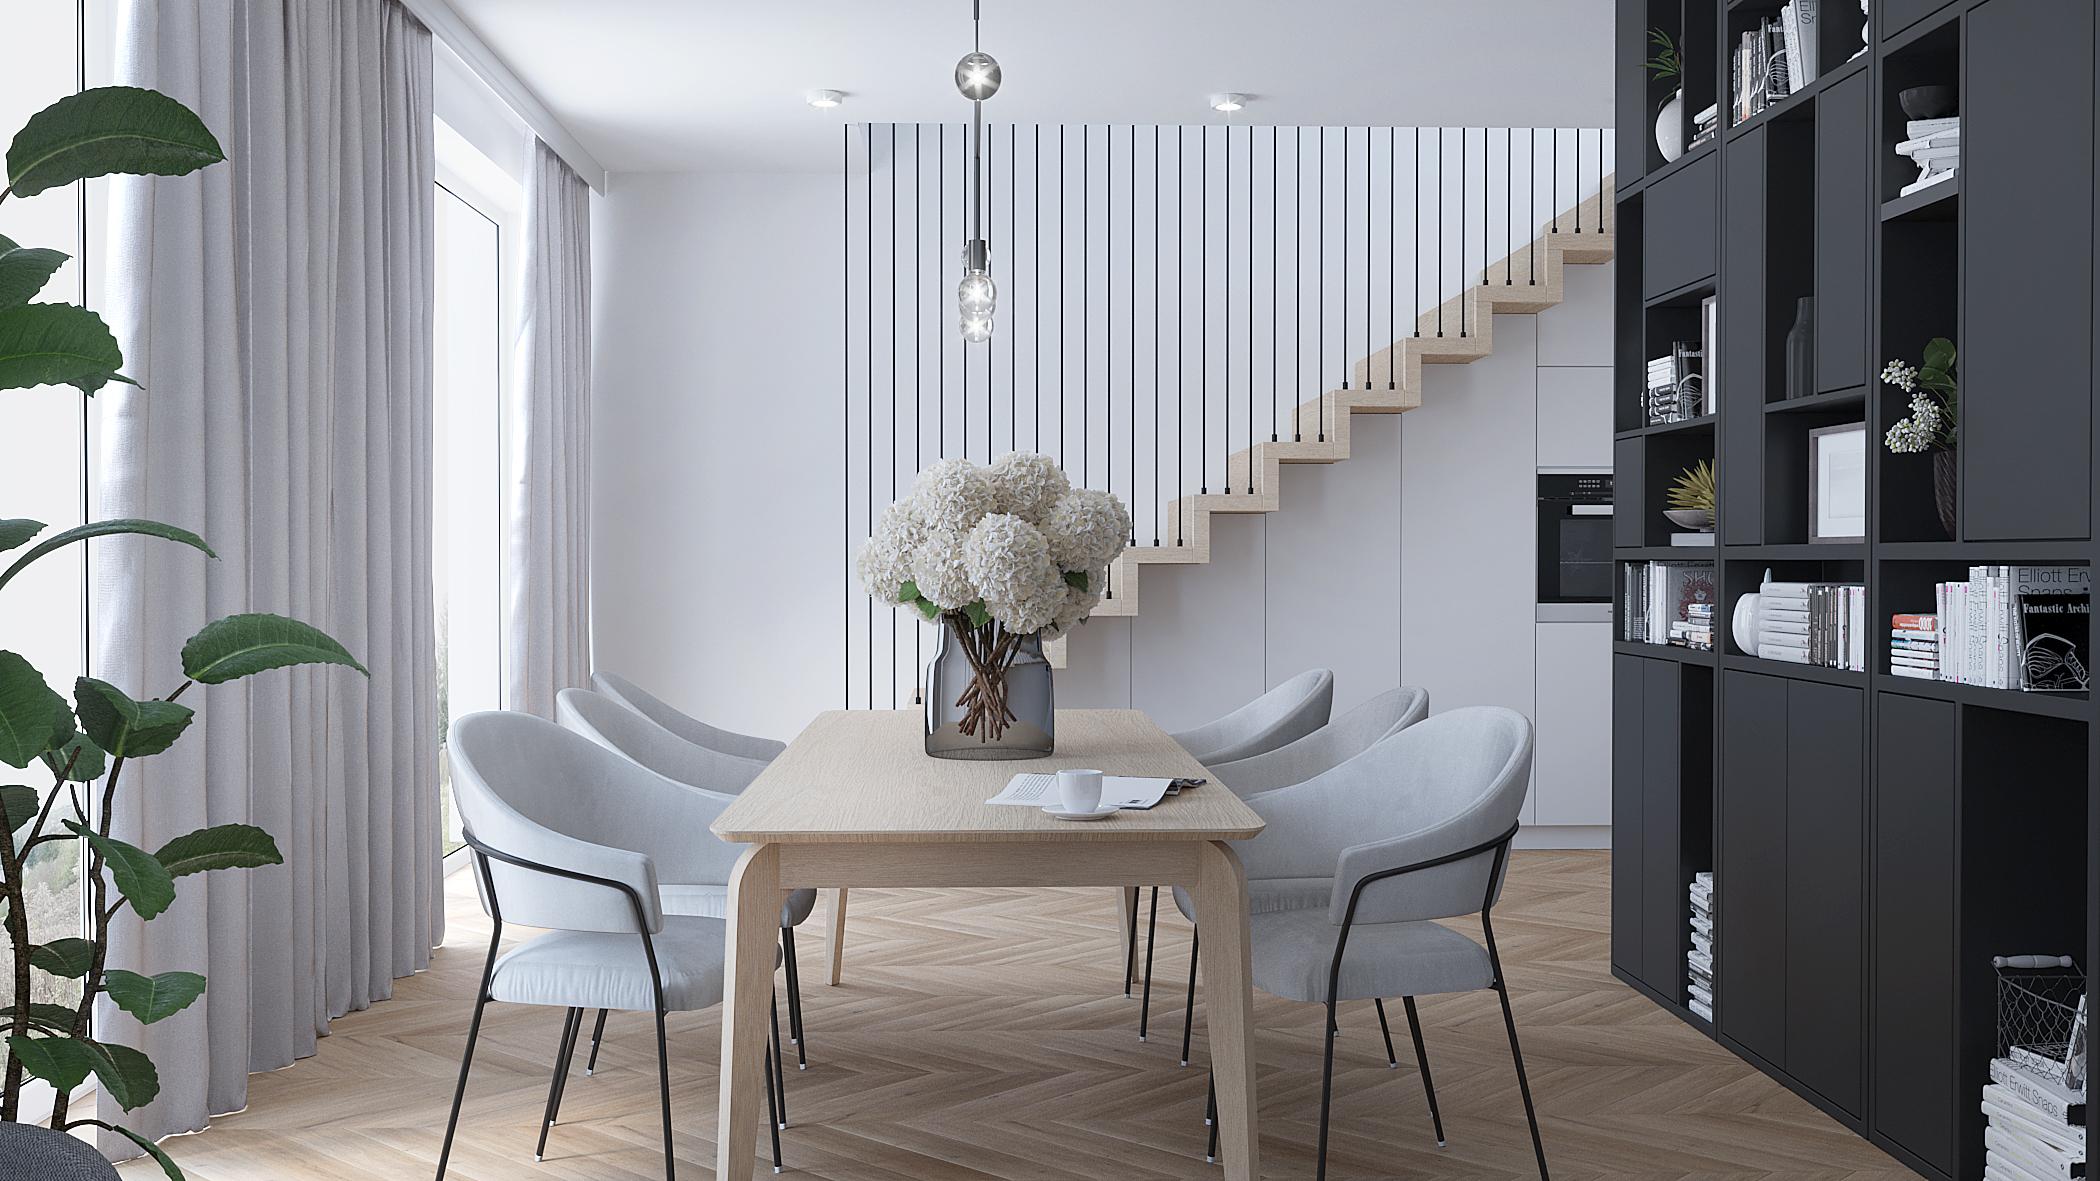 2 projektowanie wnetrz M356 mieszkanie Krakow drewniany stol szare krzesla schody dywanowe balustrada prety